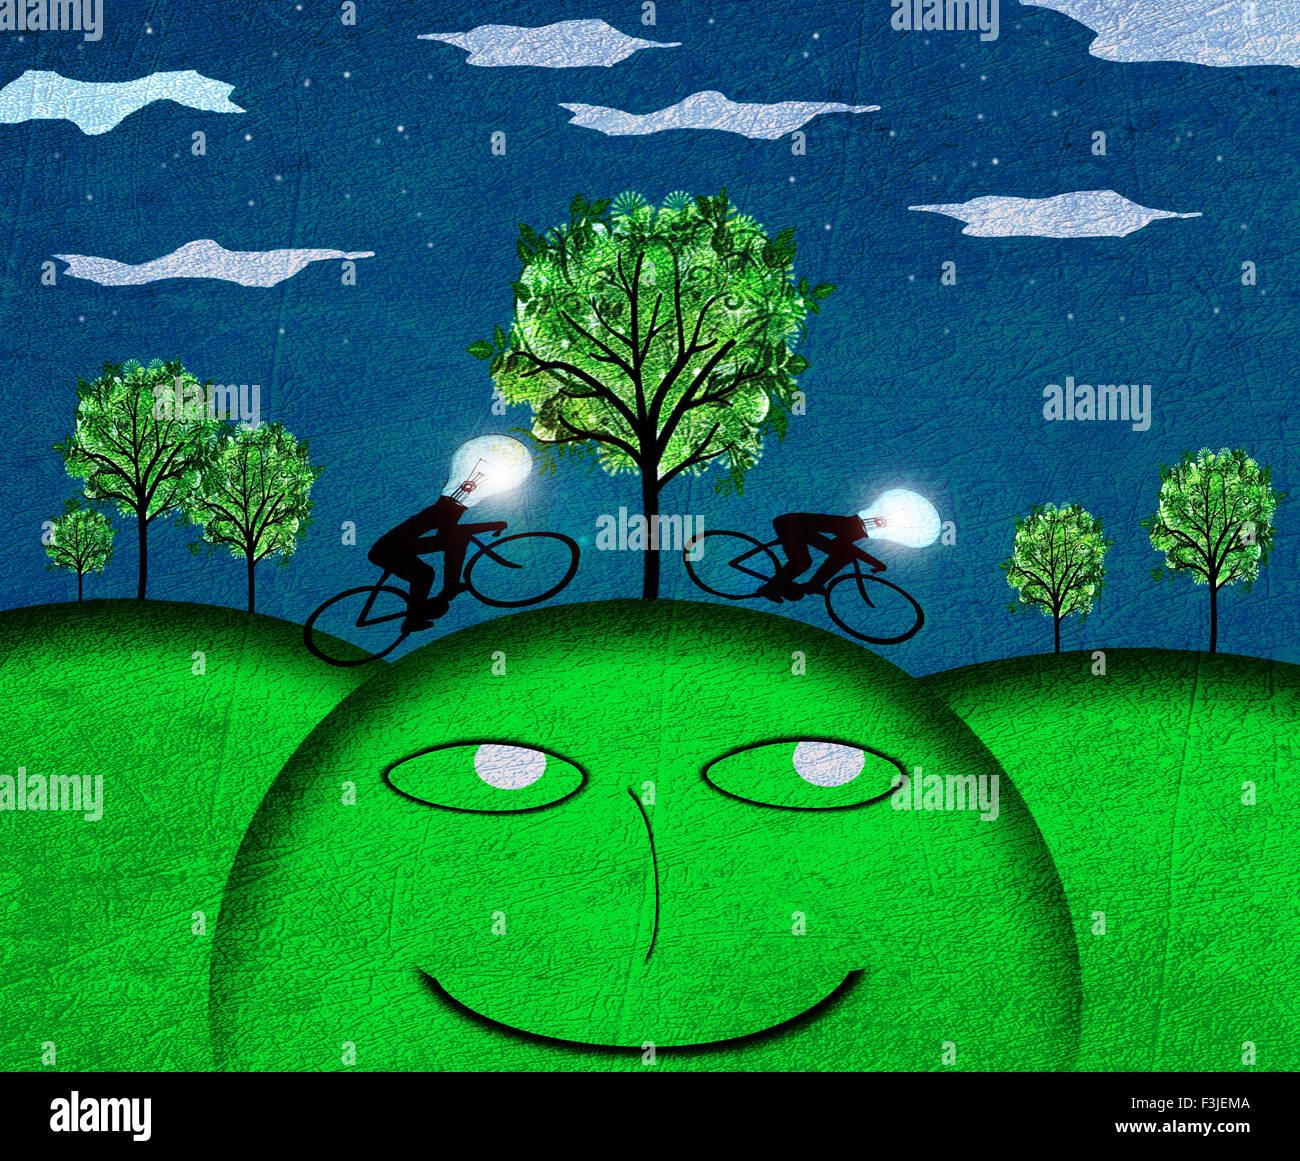 Concept de la créativité numérique illustration paysage nocturne Photo Stock